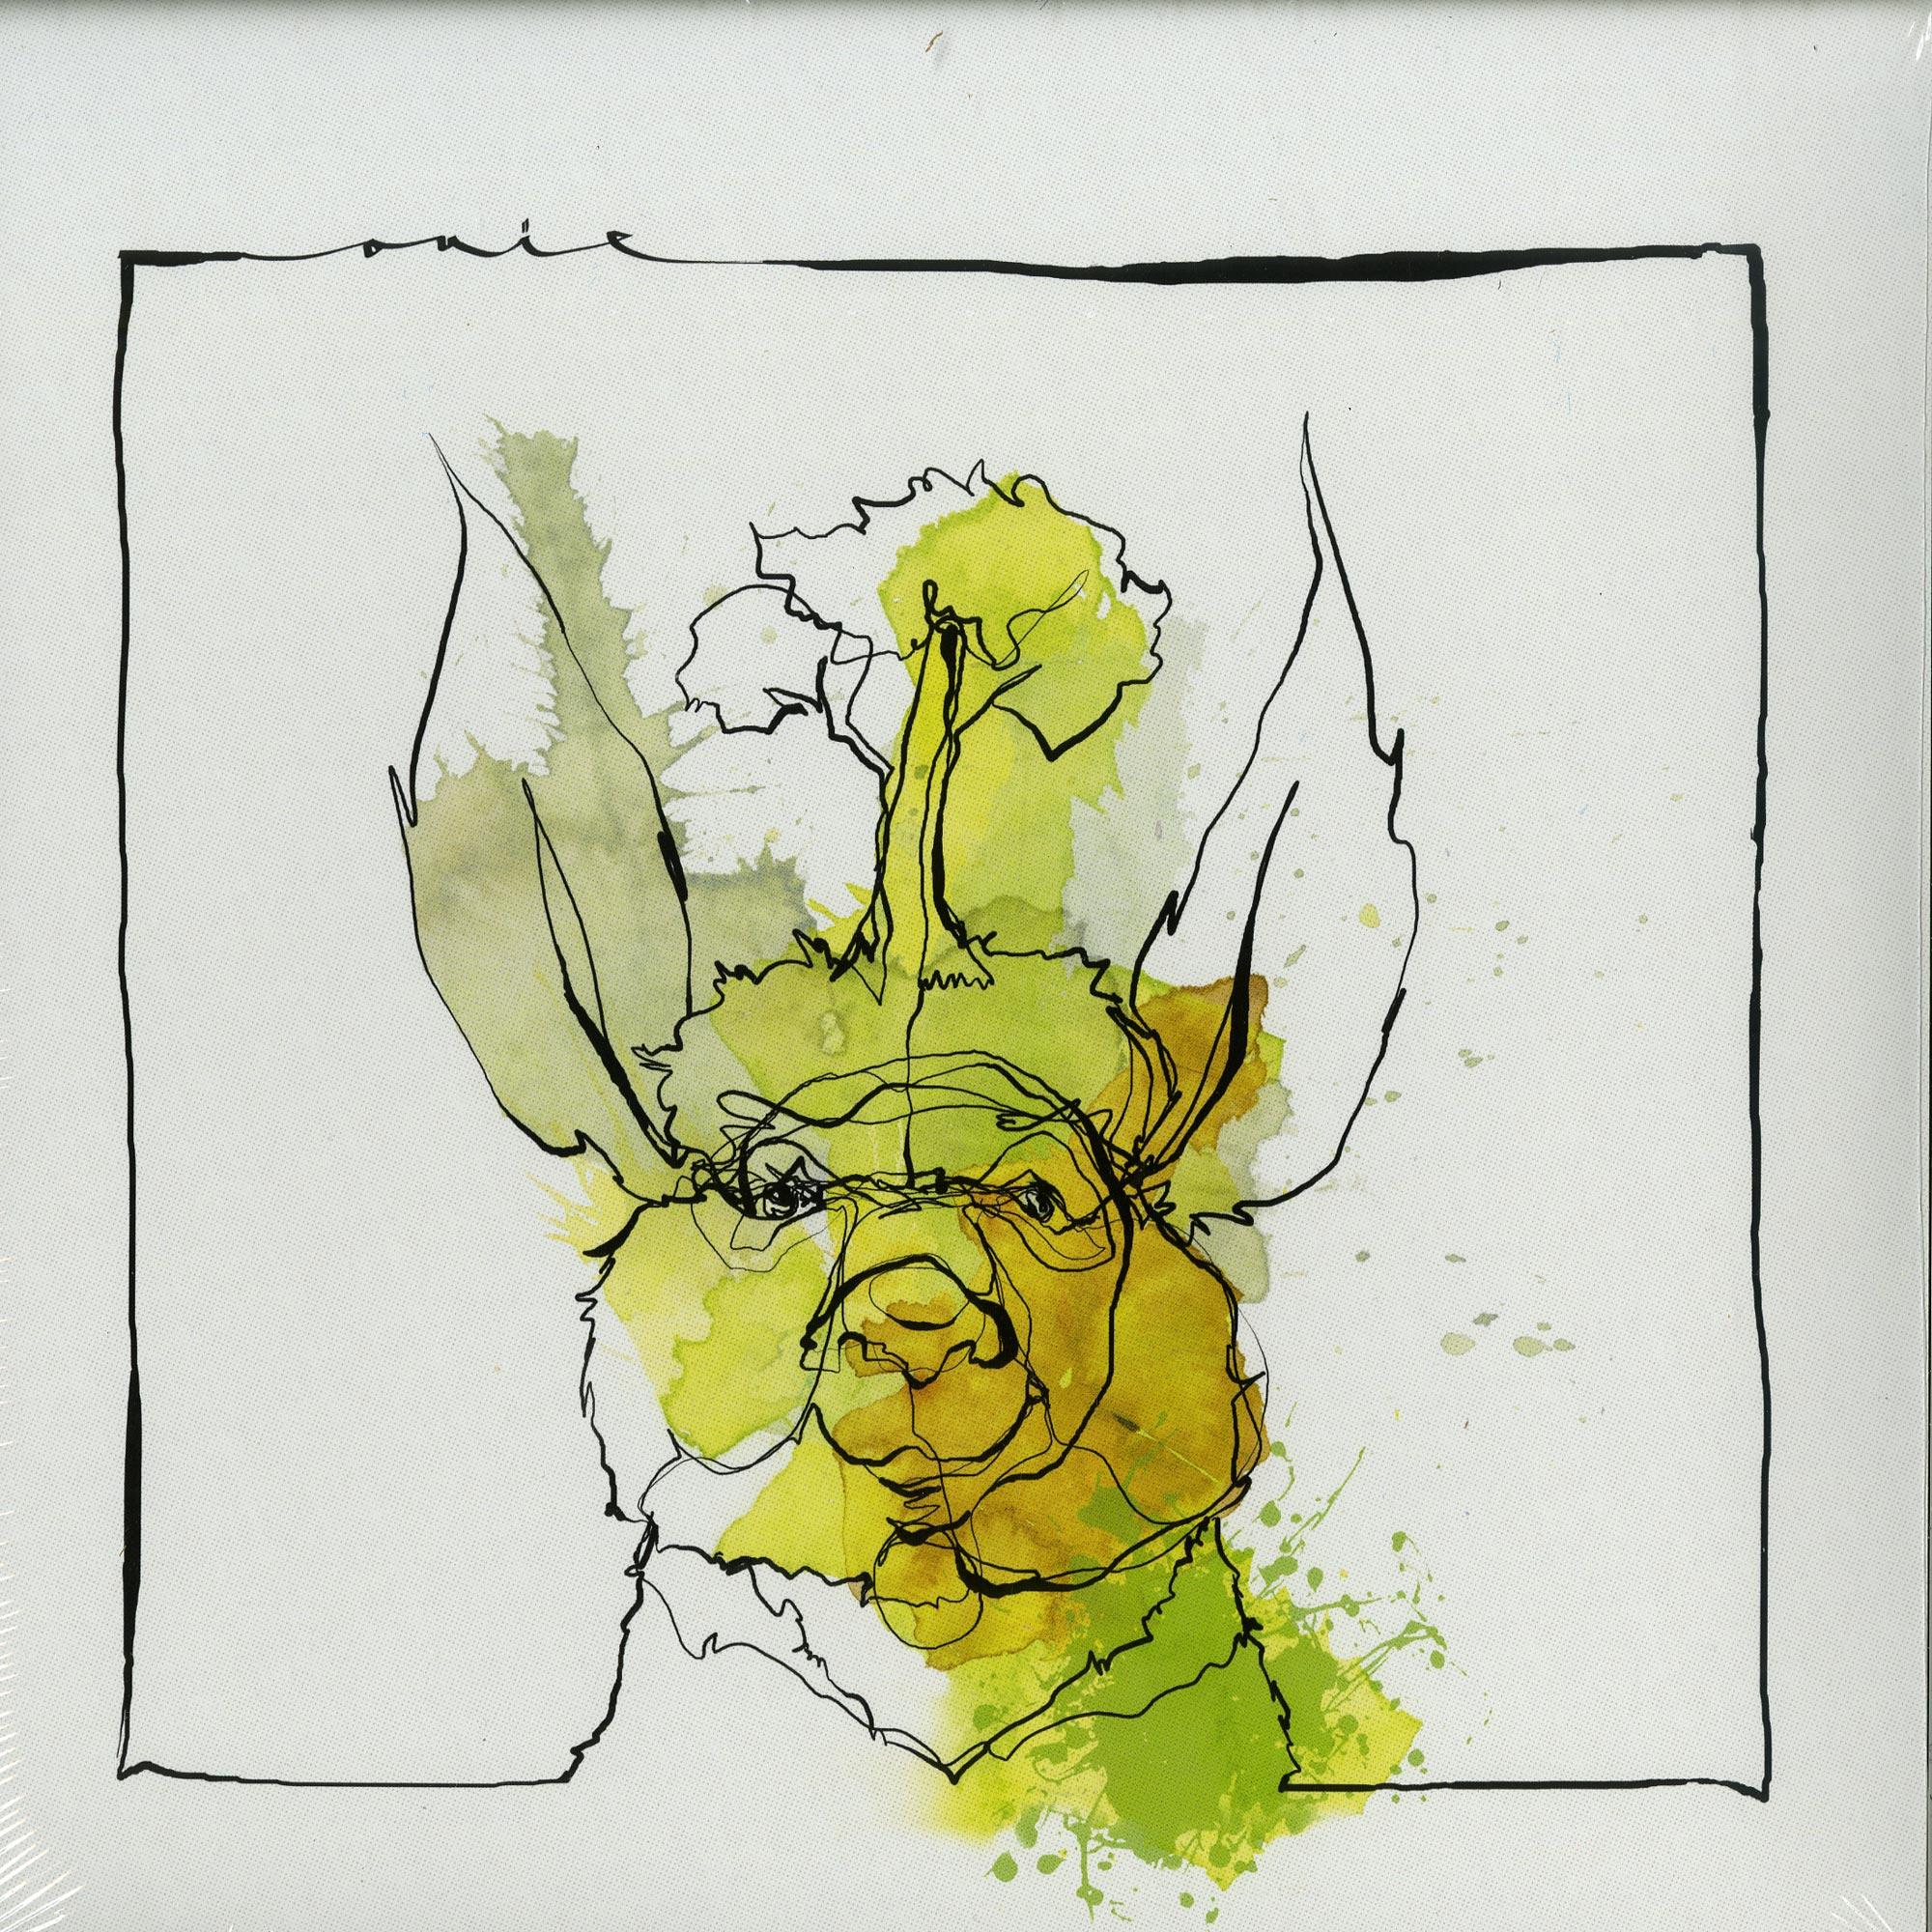 Acid Pauli & Nico Stojan - CALL OF THE VALLEY